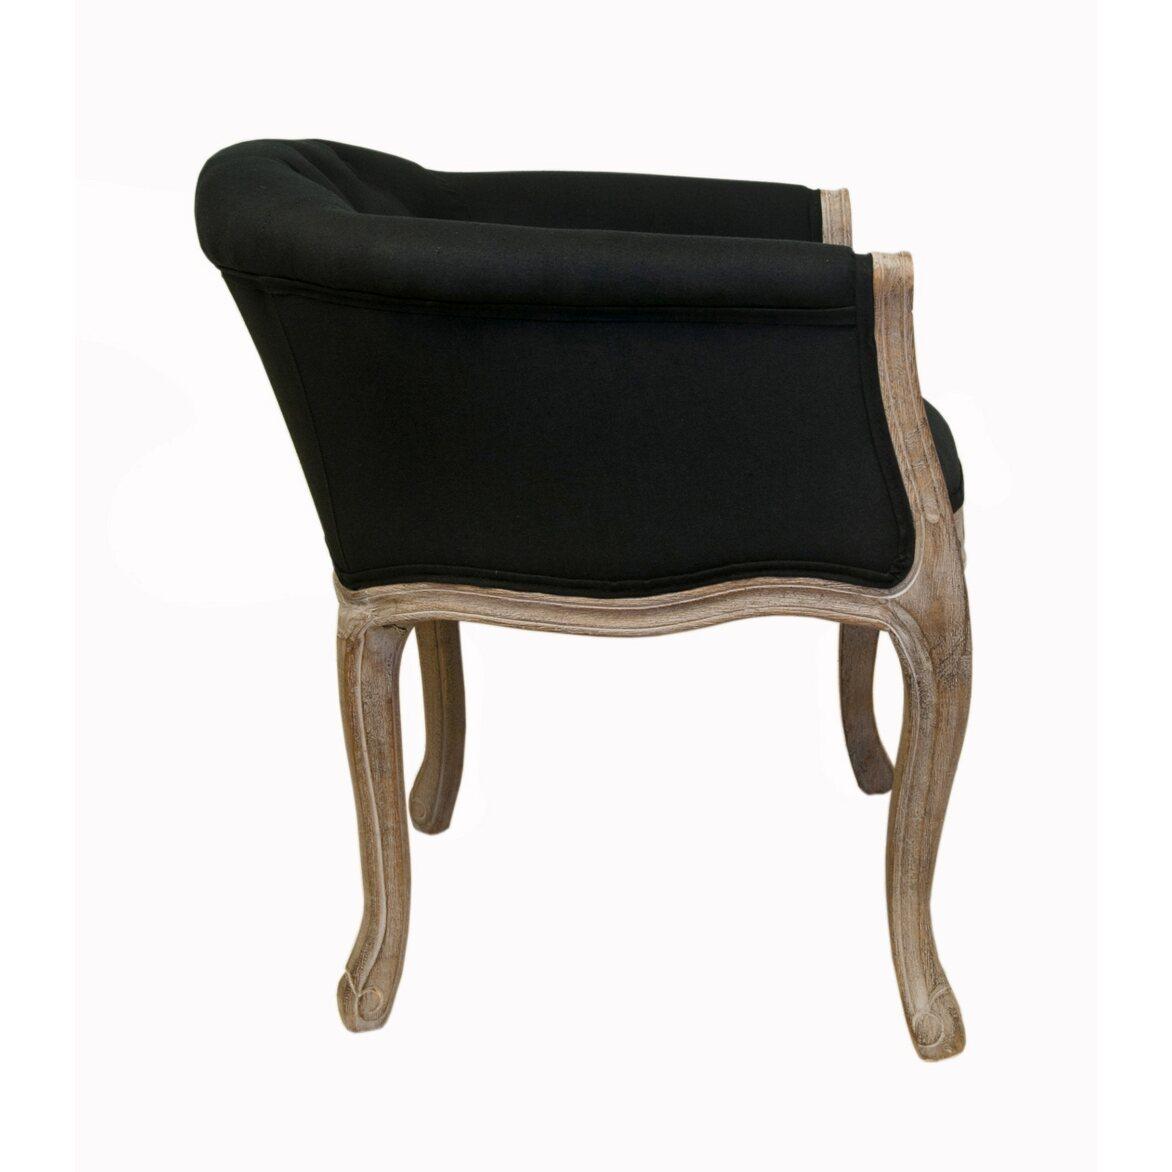 Низкое кресло Kandy black 2 | Маленькие кресла Kingsby